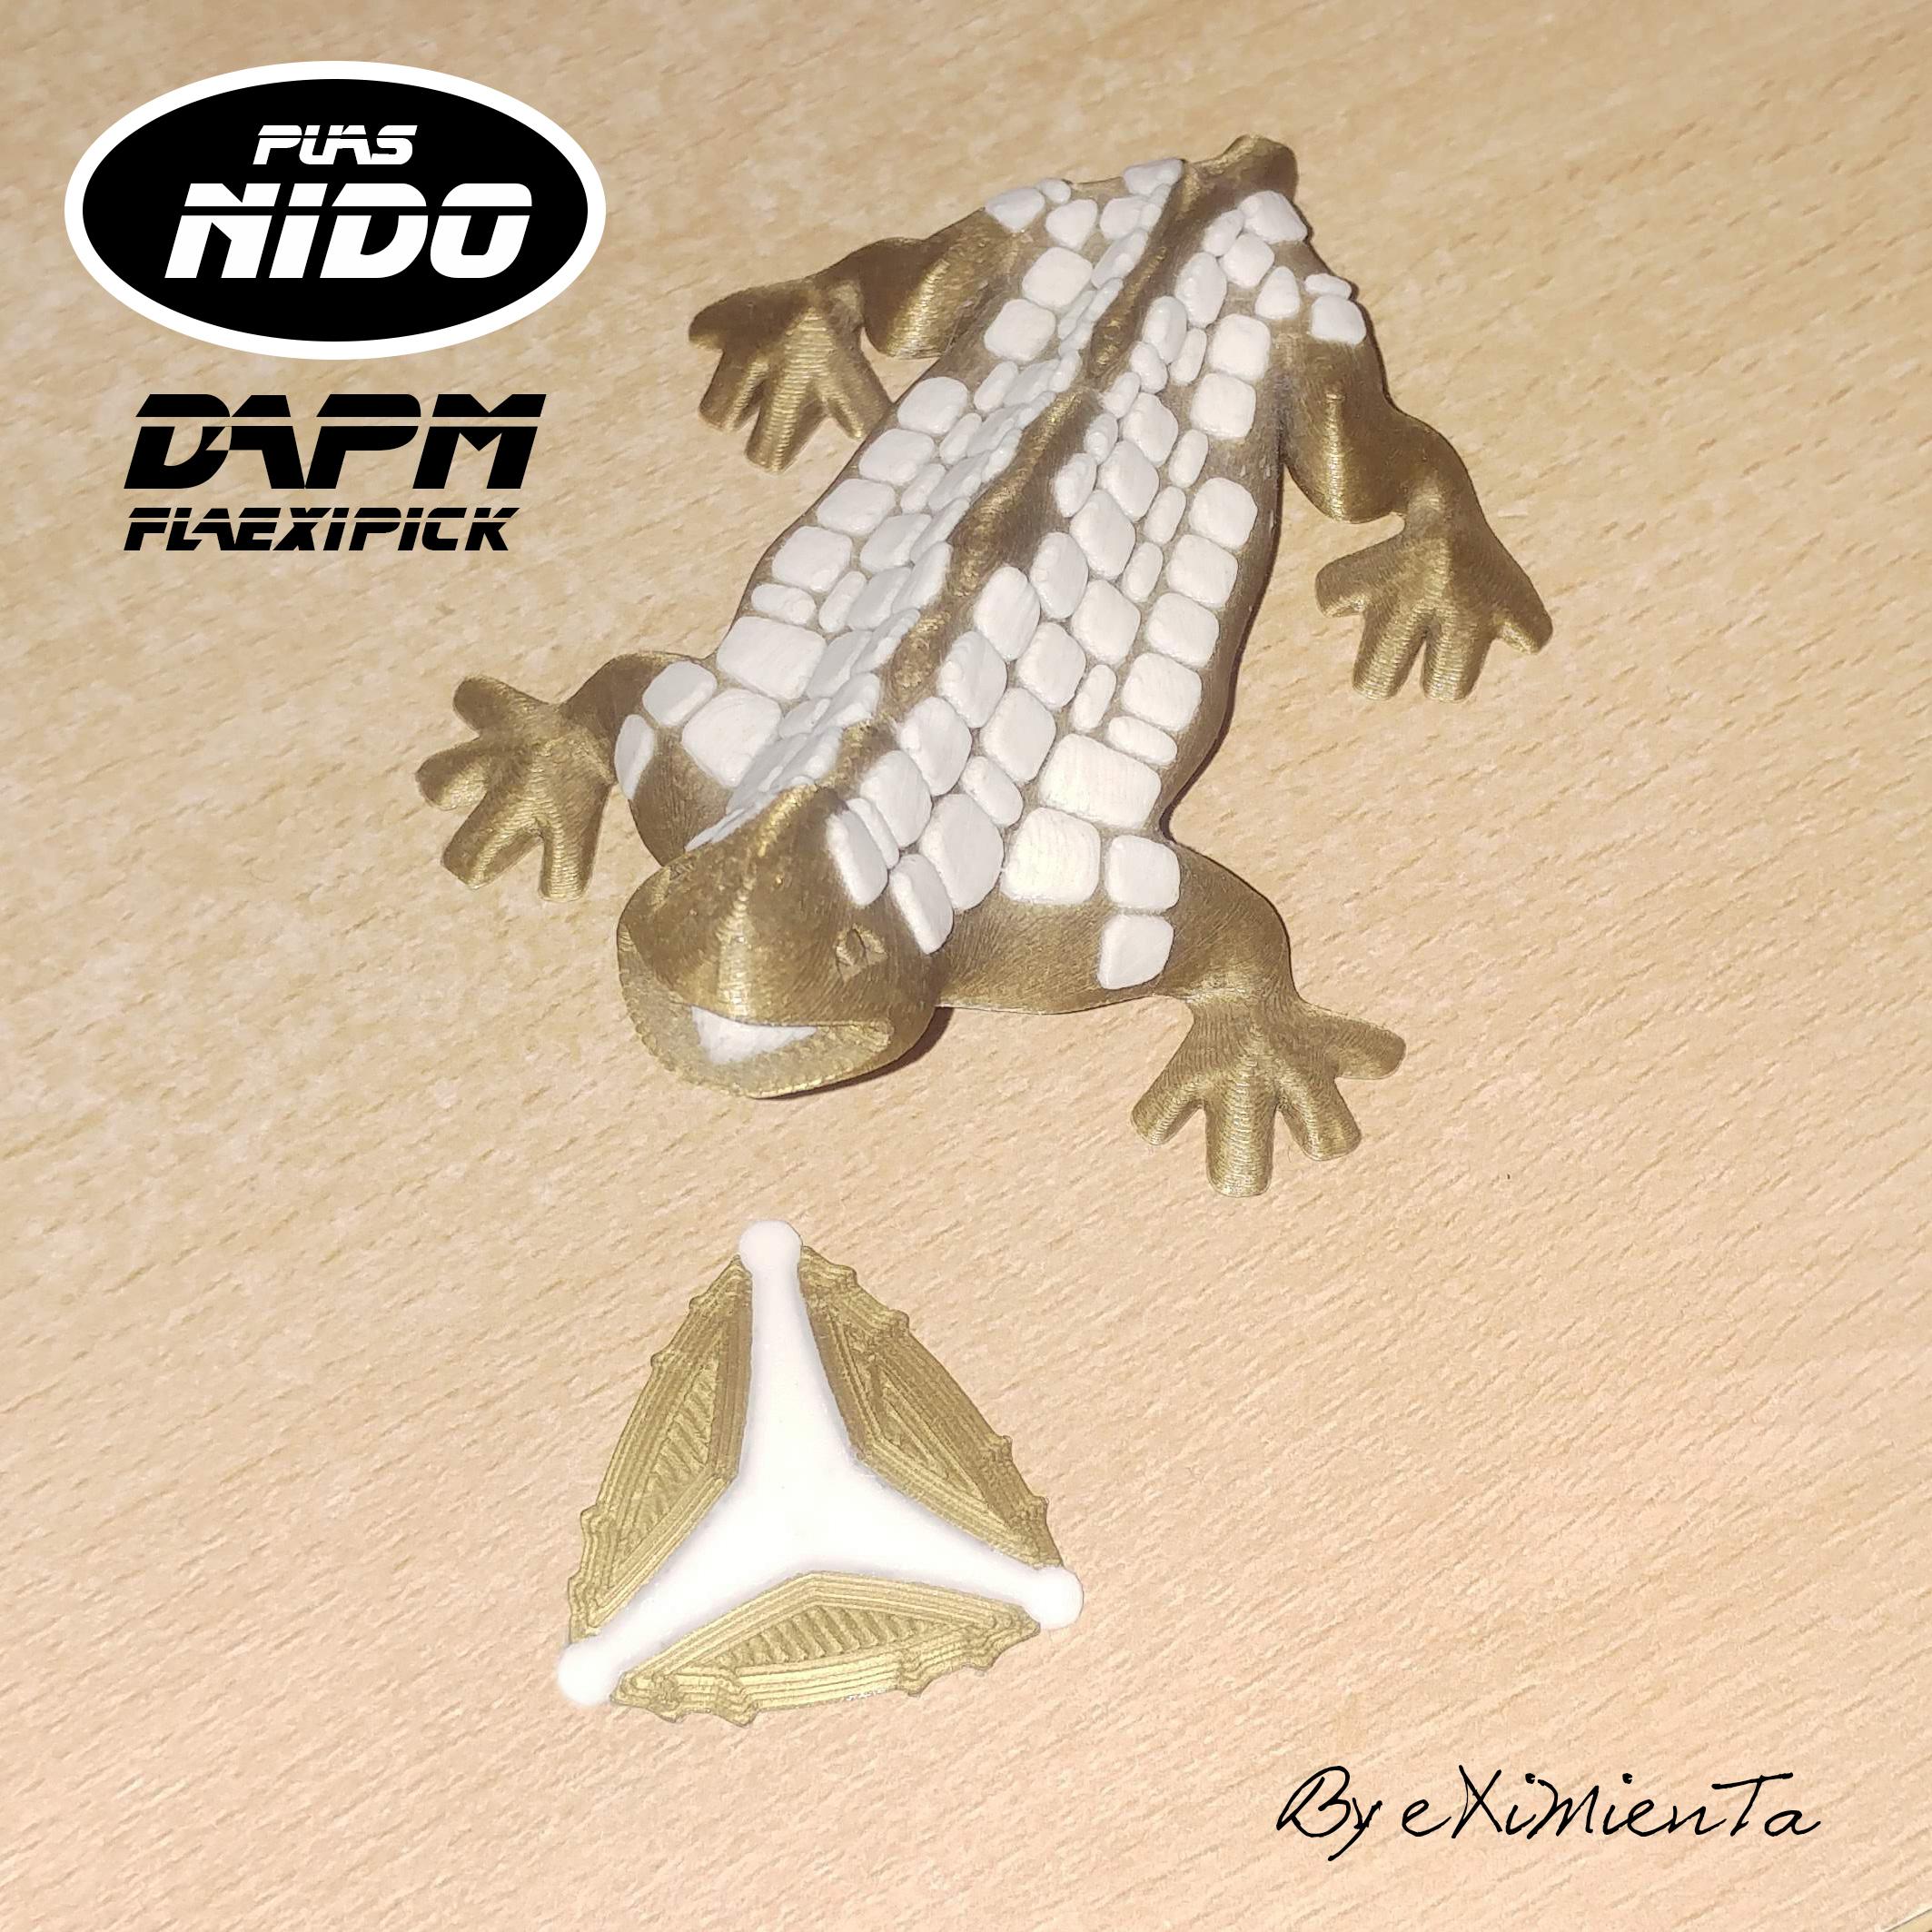 Damp Flexipick by eXiMienTa.jpg Download free STL file Damp Flexipick by eXiMienT • Object to 3D print, carleslluisar